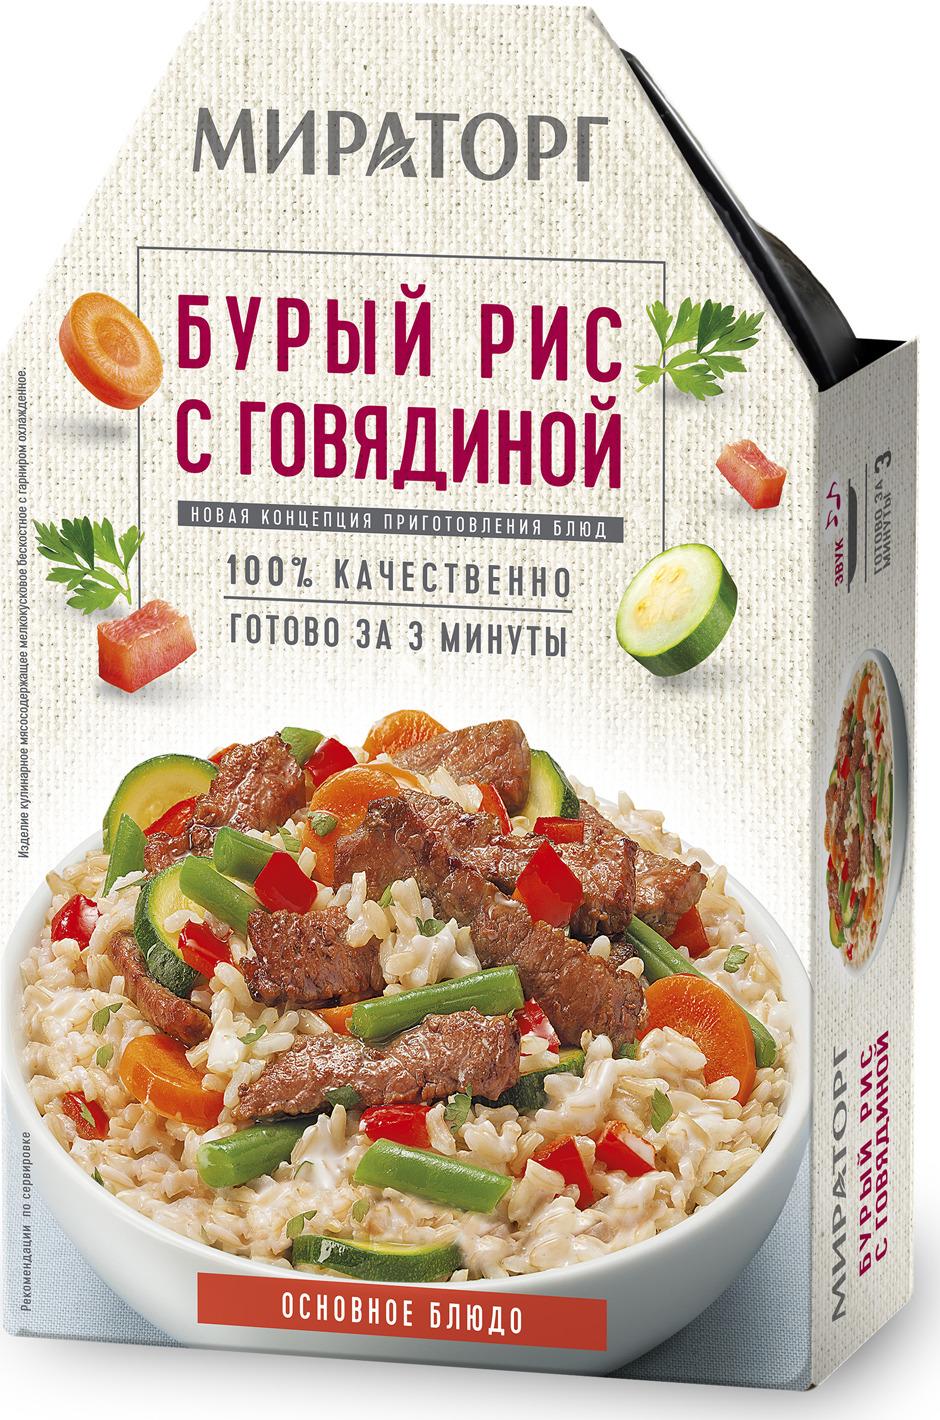 Бурый рис с говядиной Мираторг, 330 г шницель с картофельным пюре под сливочно грибным соусом мираторг 350 г